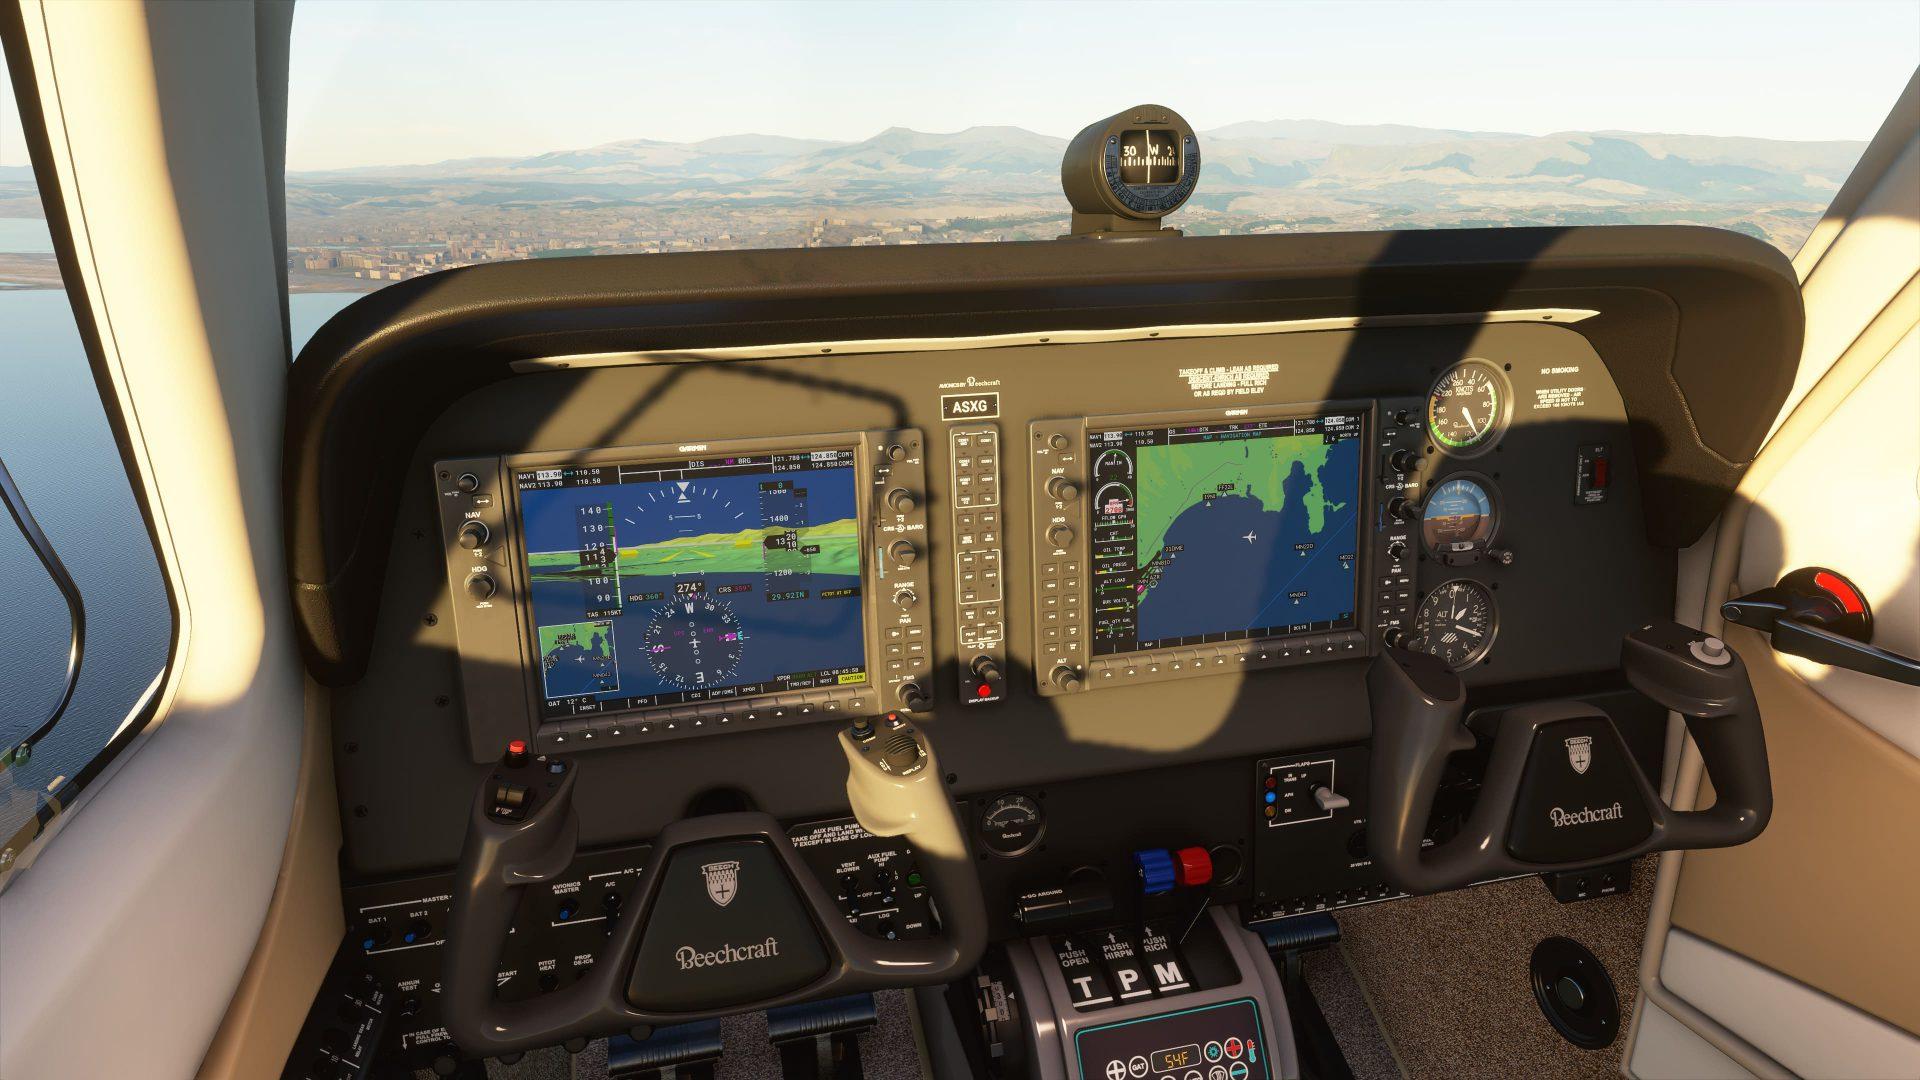 Mandos de un avión de un desafio de Microsoft Flight Simulator